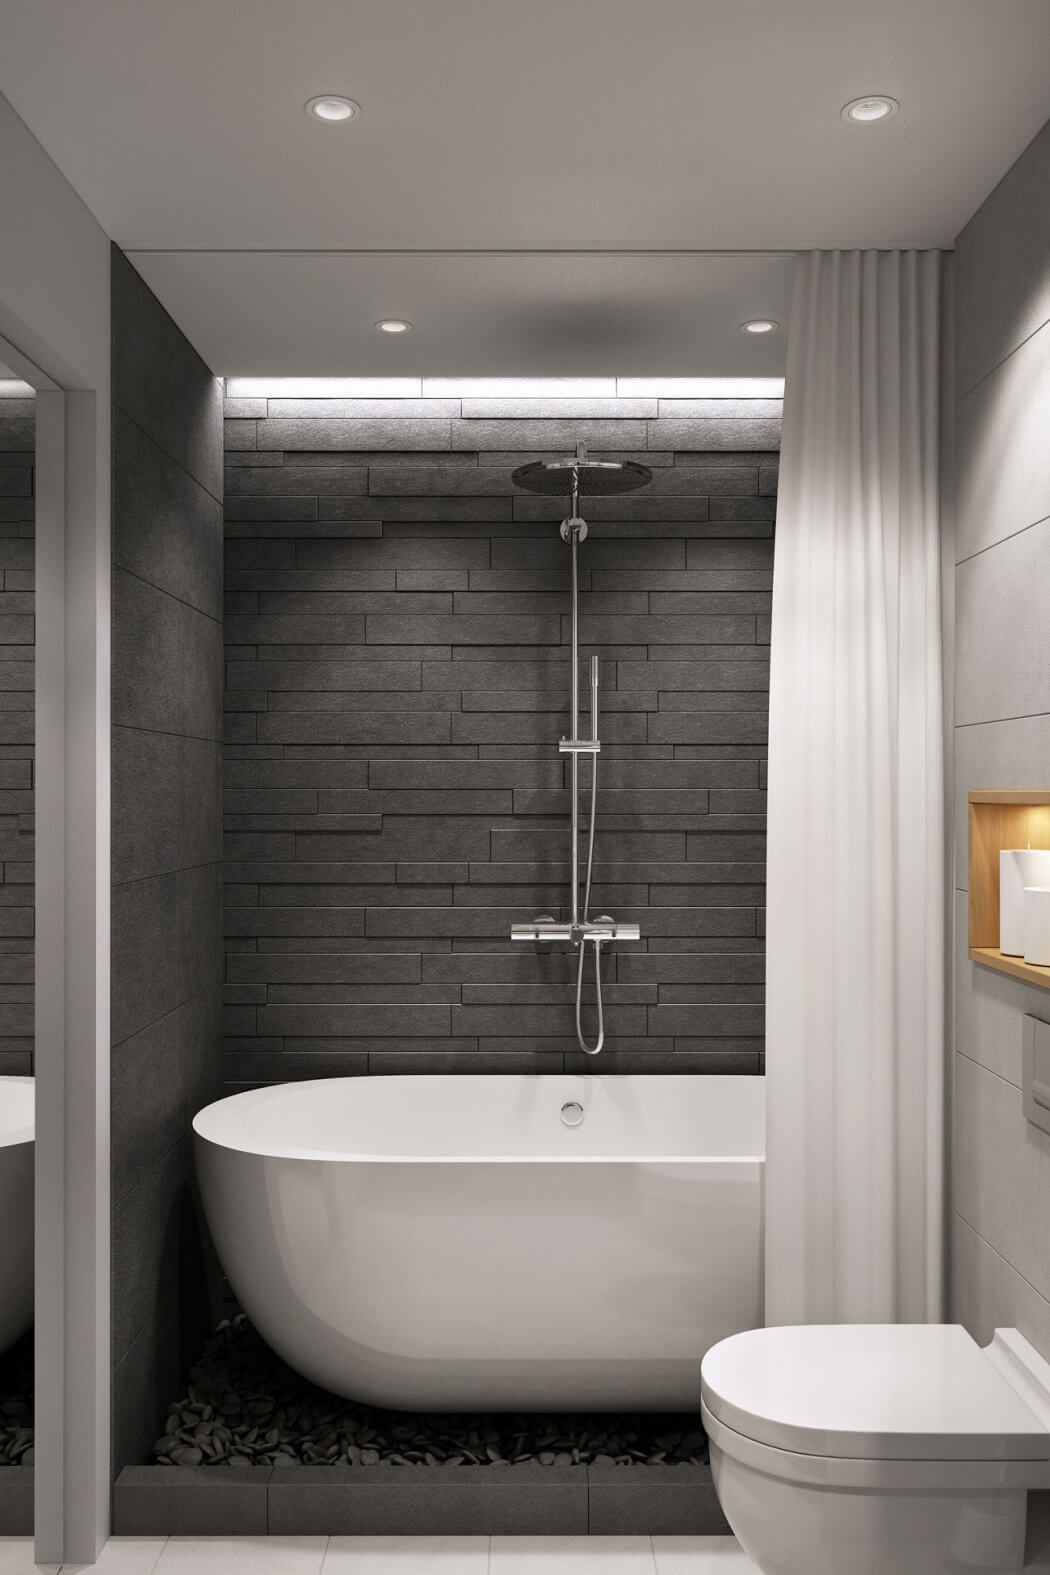 Snigeri By Geometrium Bathroom Design Small Small Bathroom Modern Bathroom